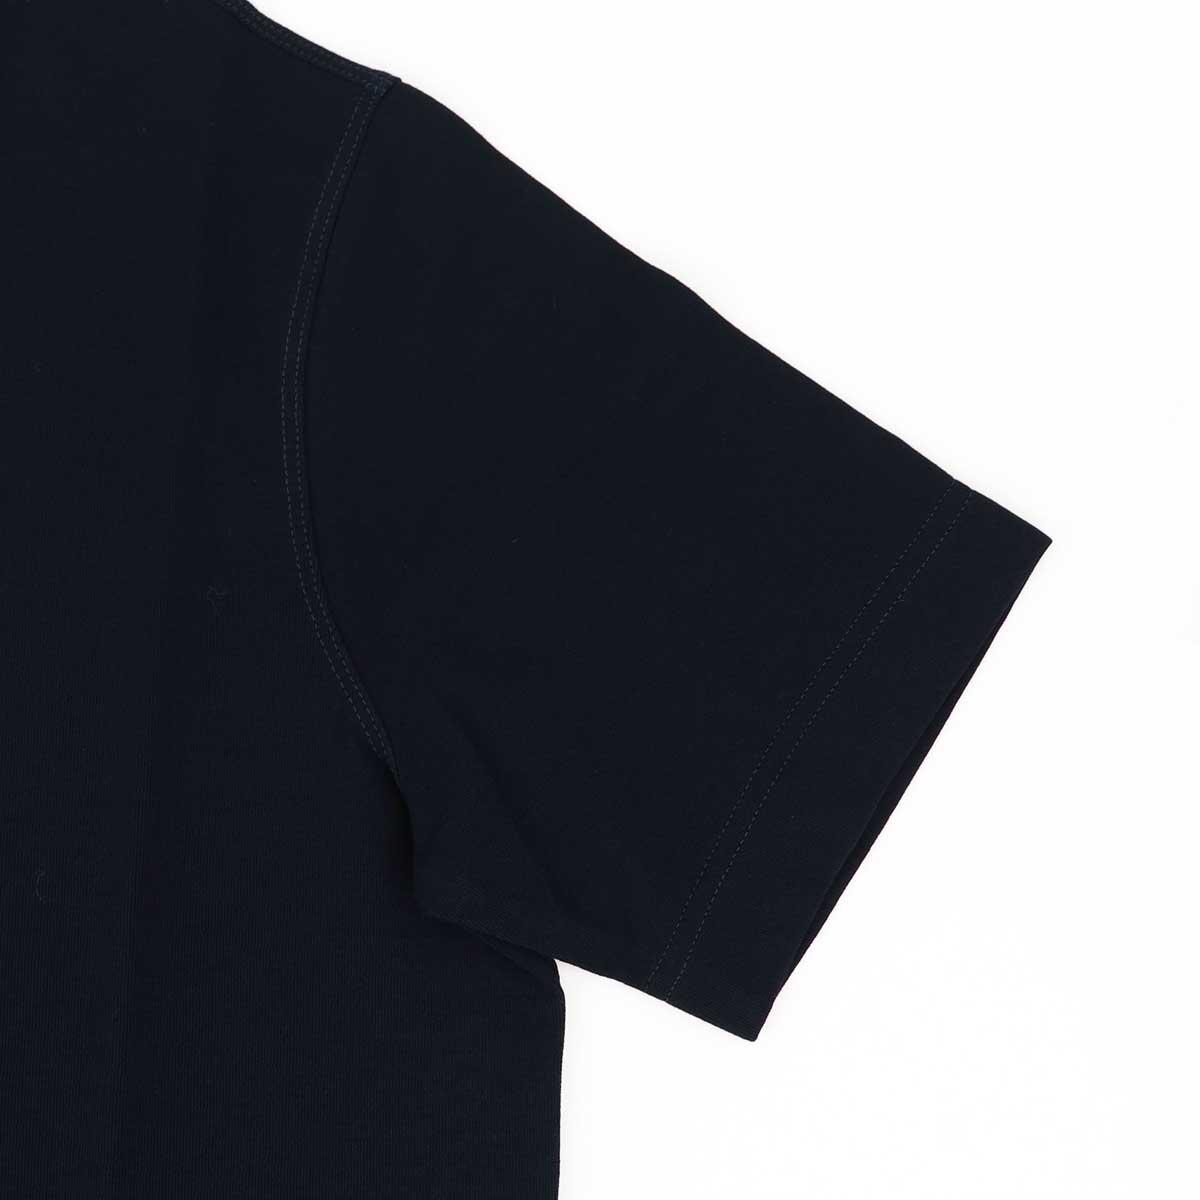 【クリアランスセール】ザノーネ ZANONE メンズ アイスコットン クルーネック 半袖Tシャツ T-SHIRT MC ROUND NECK 811821 Z0380 Z0542(ネイビー)【返品交換不可】